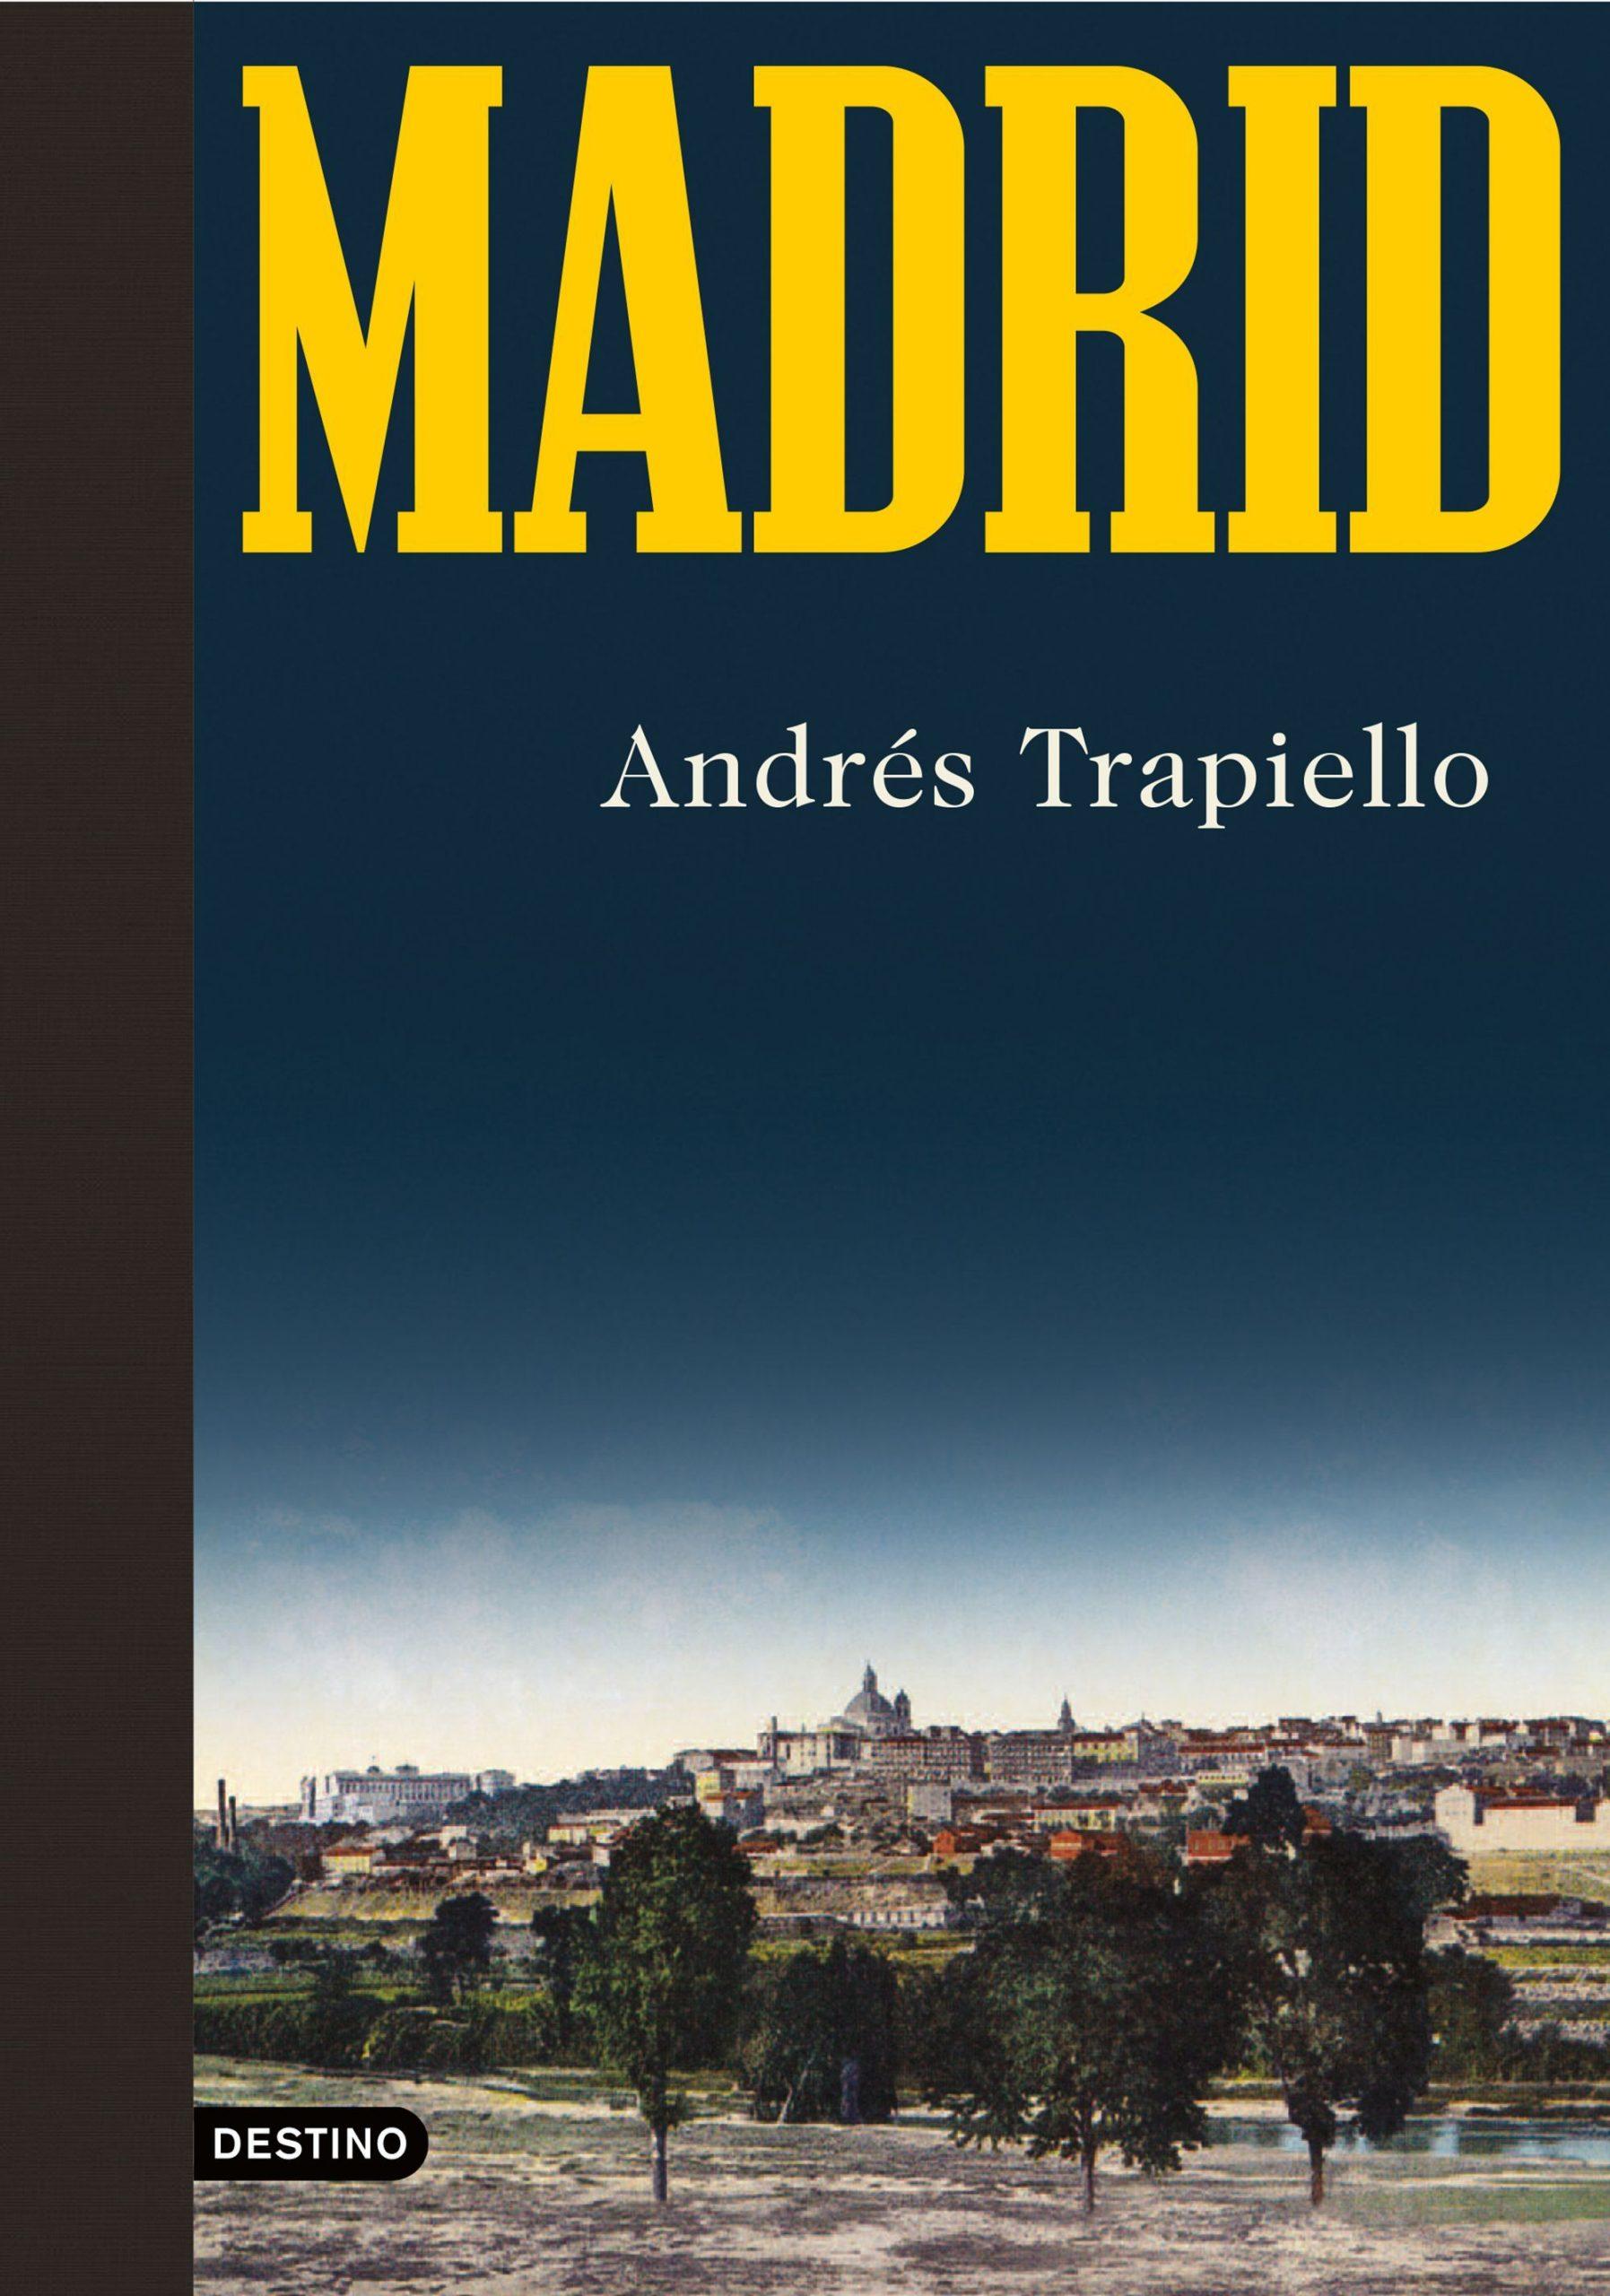 Madrid de Andrés Trapiello